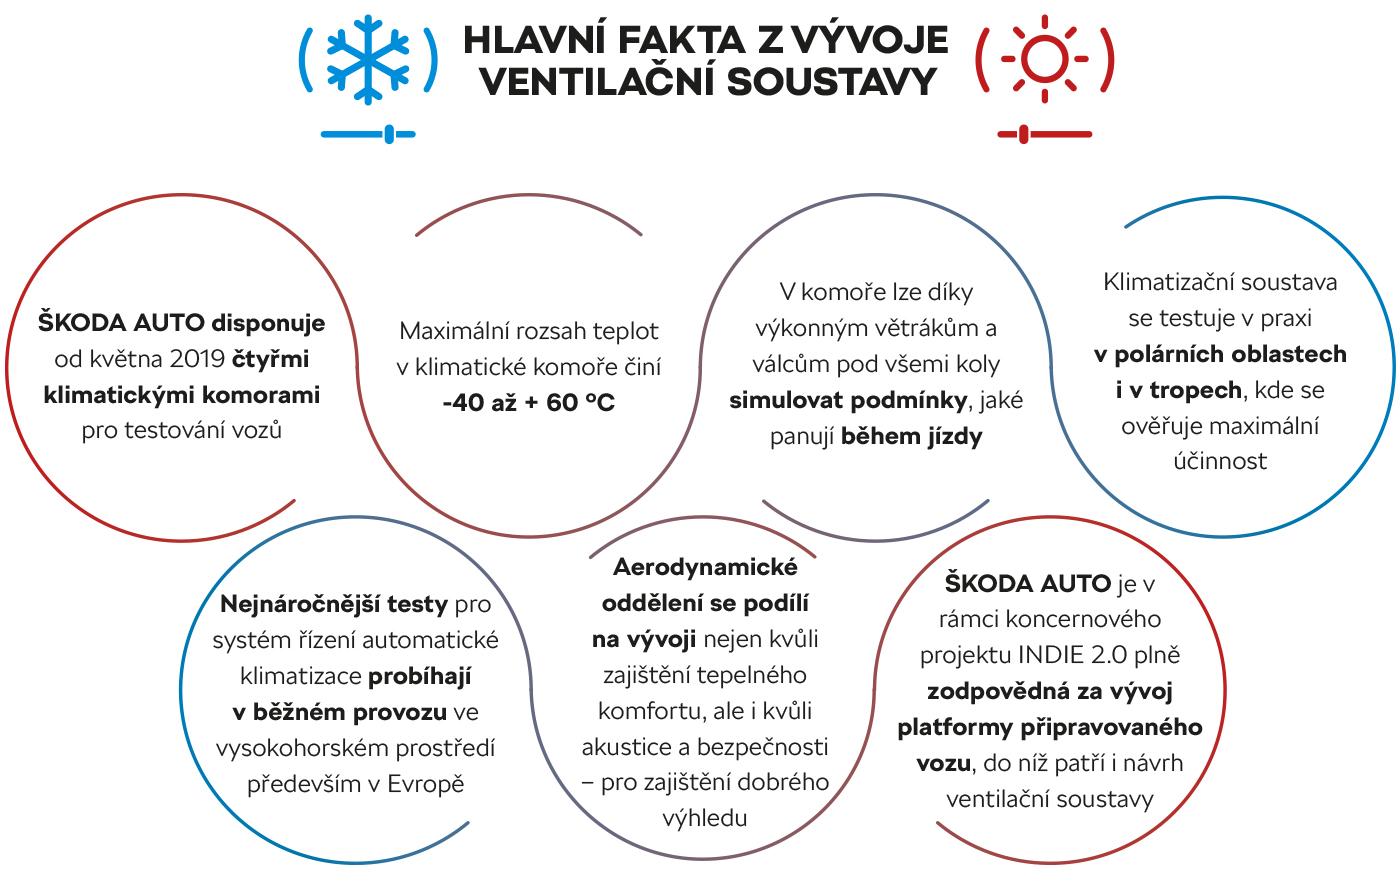 Hlavní fakta z vývoje ventilační soustavy